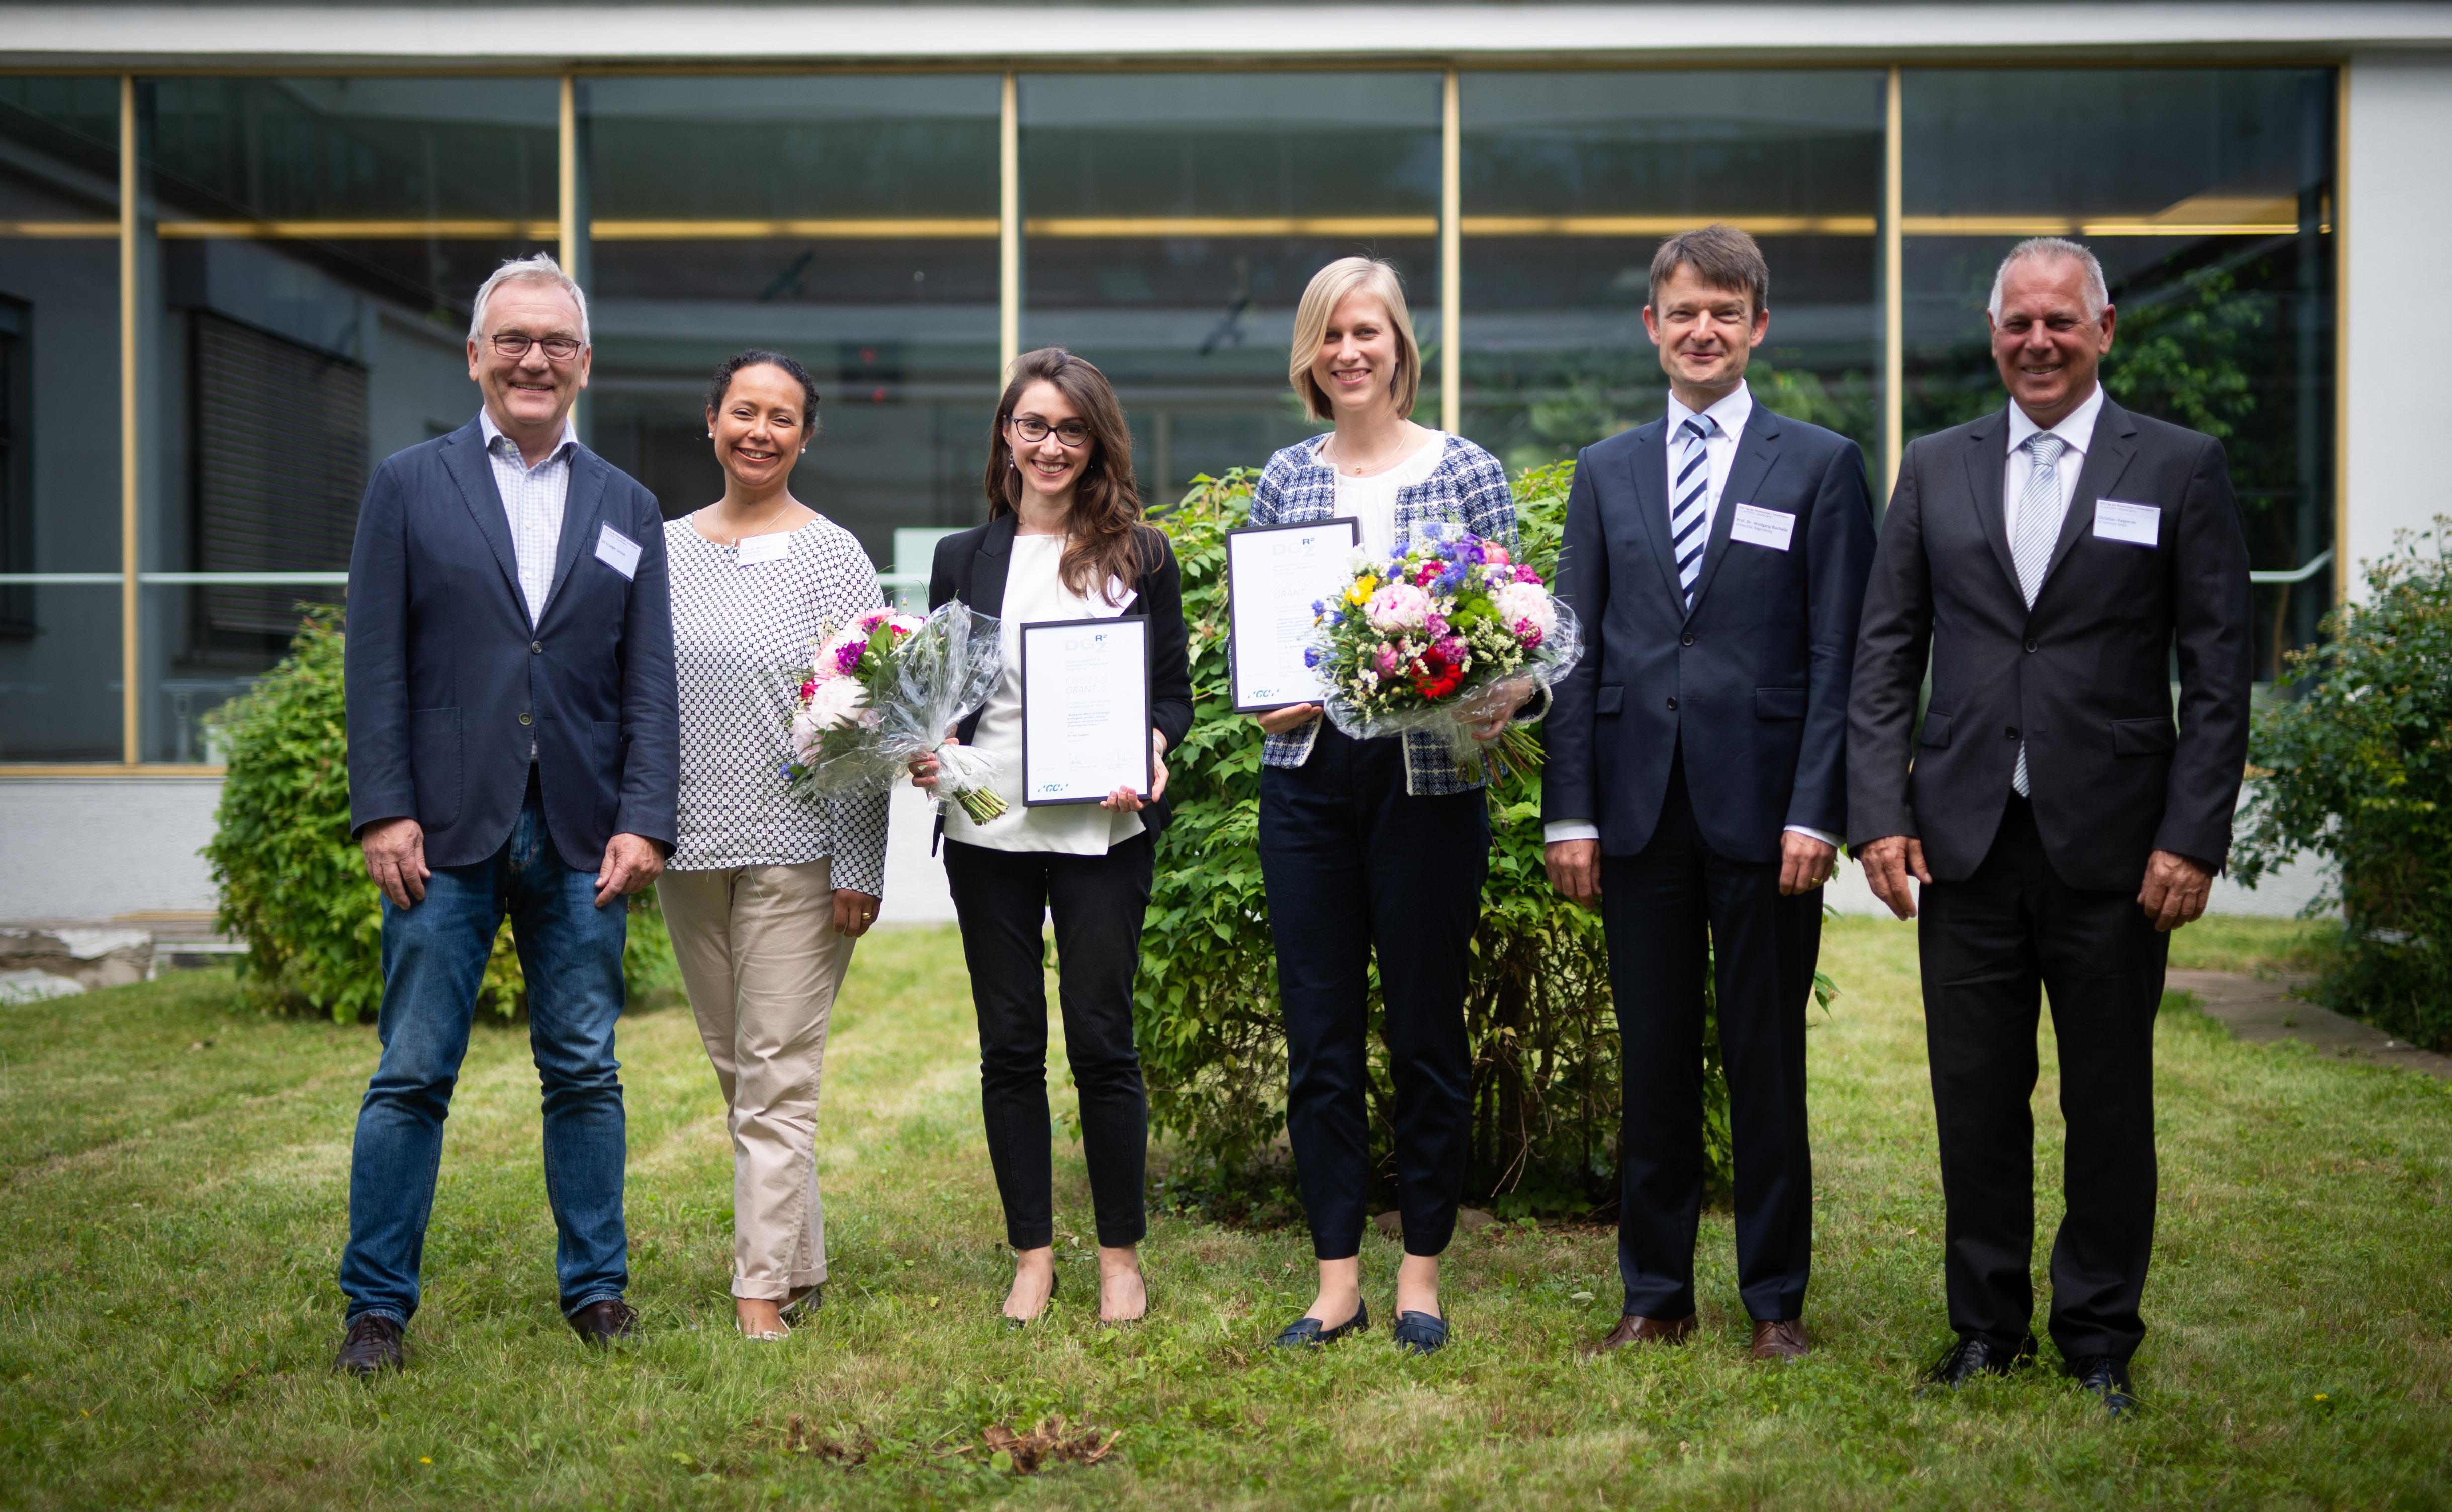 Von links nach rechts: Ulf Krueger-Janson, Vize-Präsident der DGR²Z, Prof. Dr. Michelle A. Ommerborn, Generalsekretärin der DGR²Z, Dr. Iris Frasheri/Universität München, Empfängerin Forschungsförderung aus dem DGR²Z-GC-Grant, Dr. Britta Hahn/Universität Würzburg, Empfängerin Forschungsförderung aus dem DGR²Z-GC-Grant, Prof. Dr. Wolfgang Buchalla, Präsident der DGR²Z, Christian Kasperek, GC.